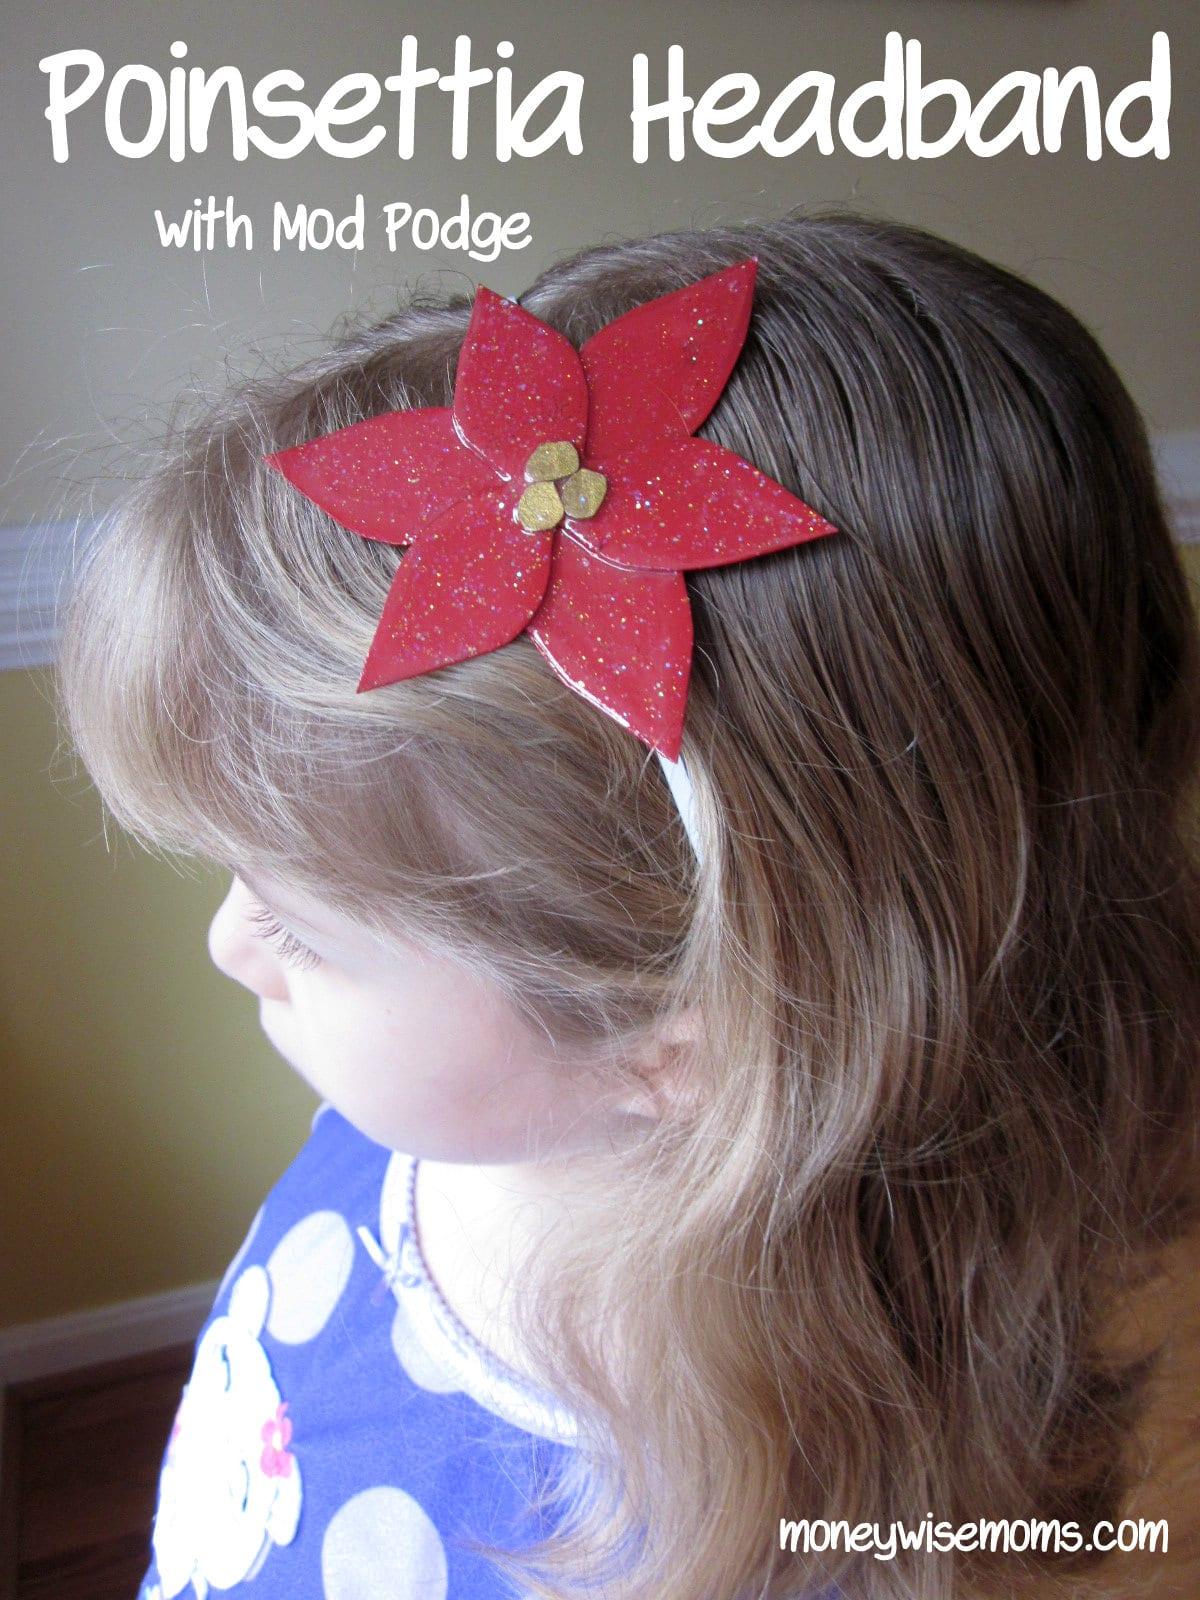 Poinsettia Headband: Mod Podge Holiday Shapes